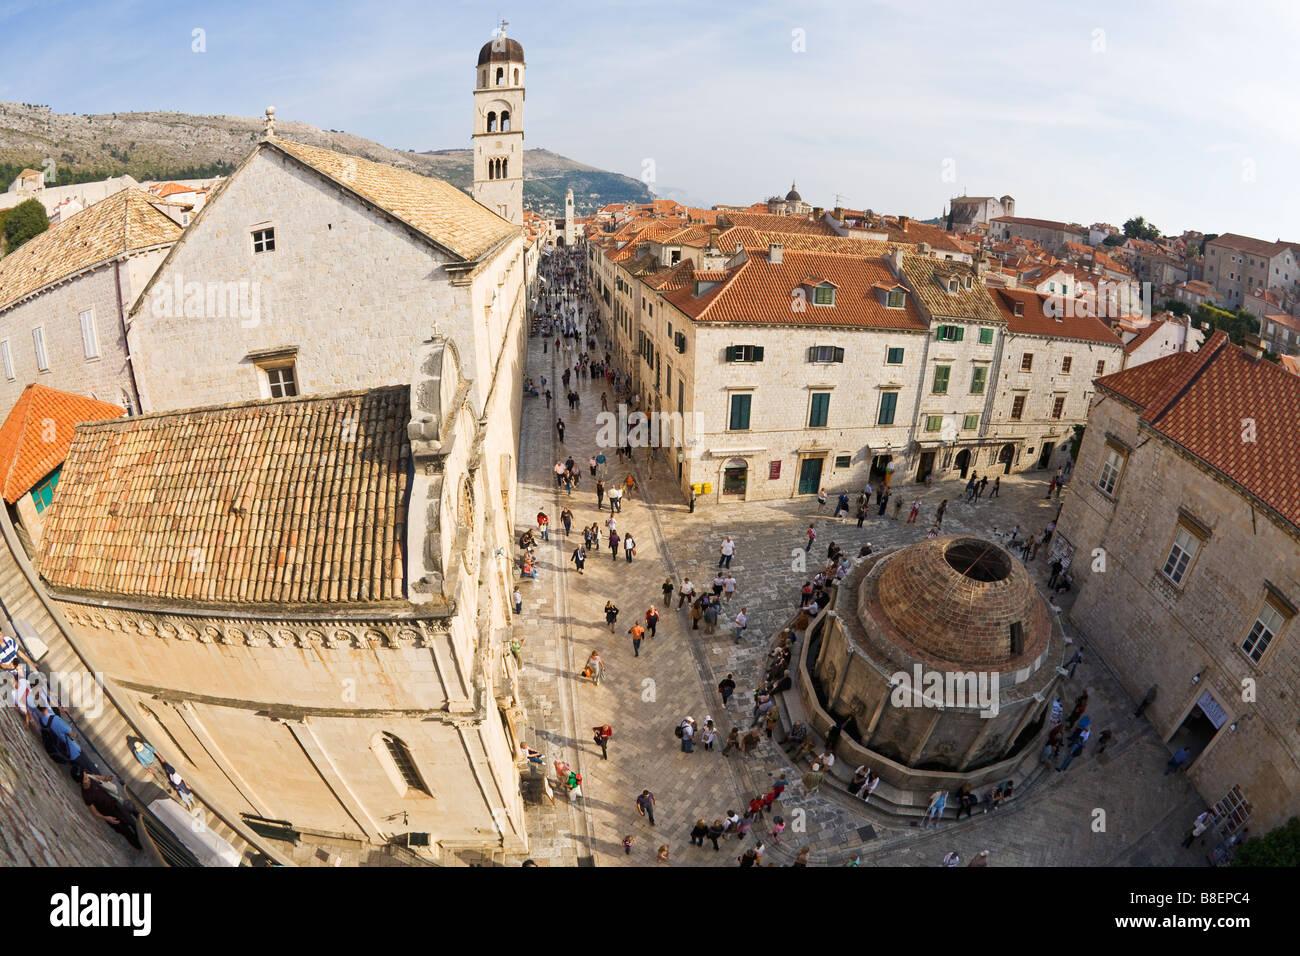 Vue depuis les remparts de la ville avec une grande fontaine d'Onofrio de la Porte Pile Stradun et clocher du monastère franciscain Dubrovnik Banque D'Images